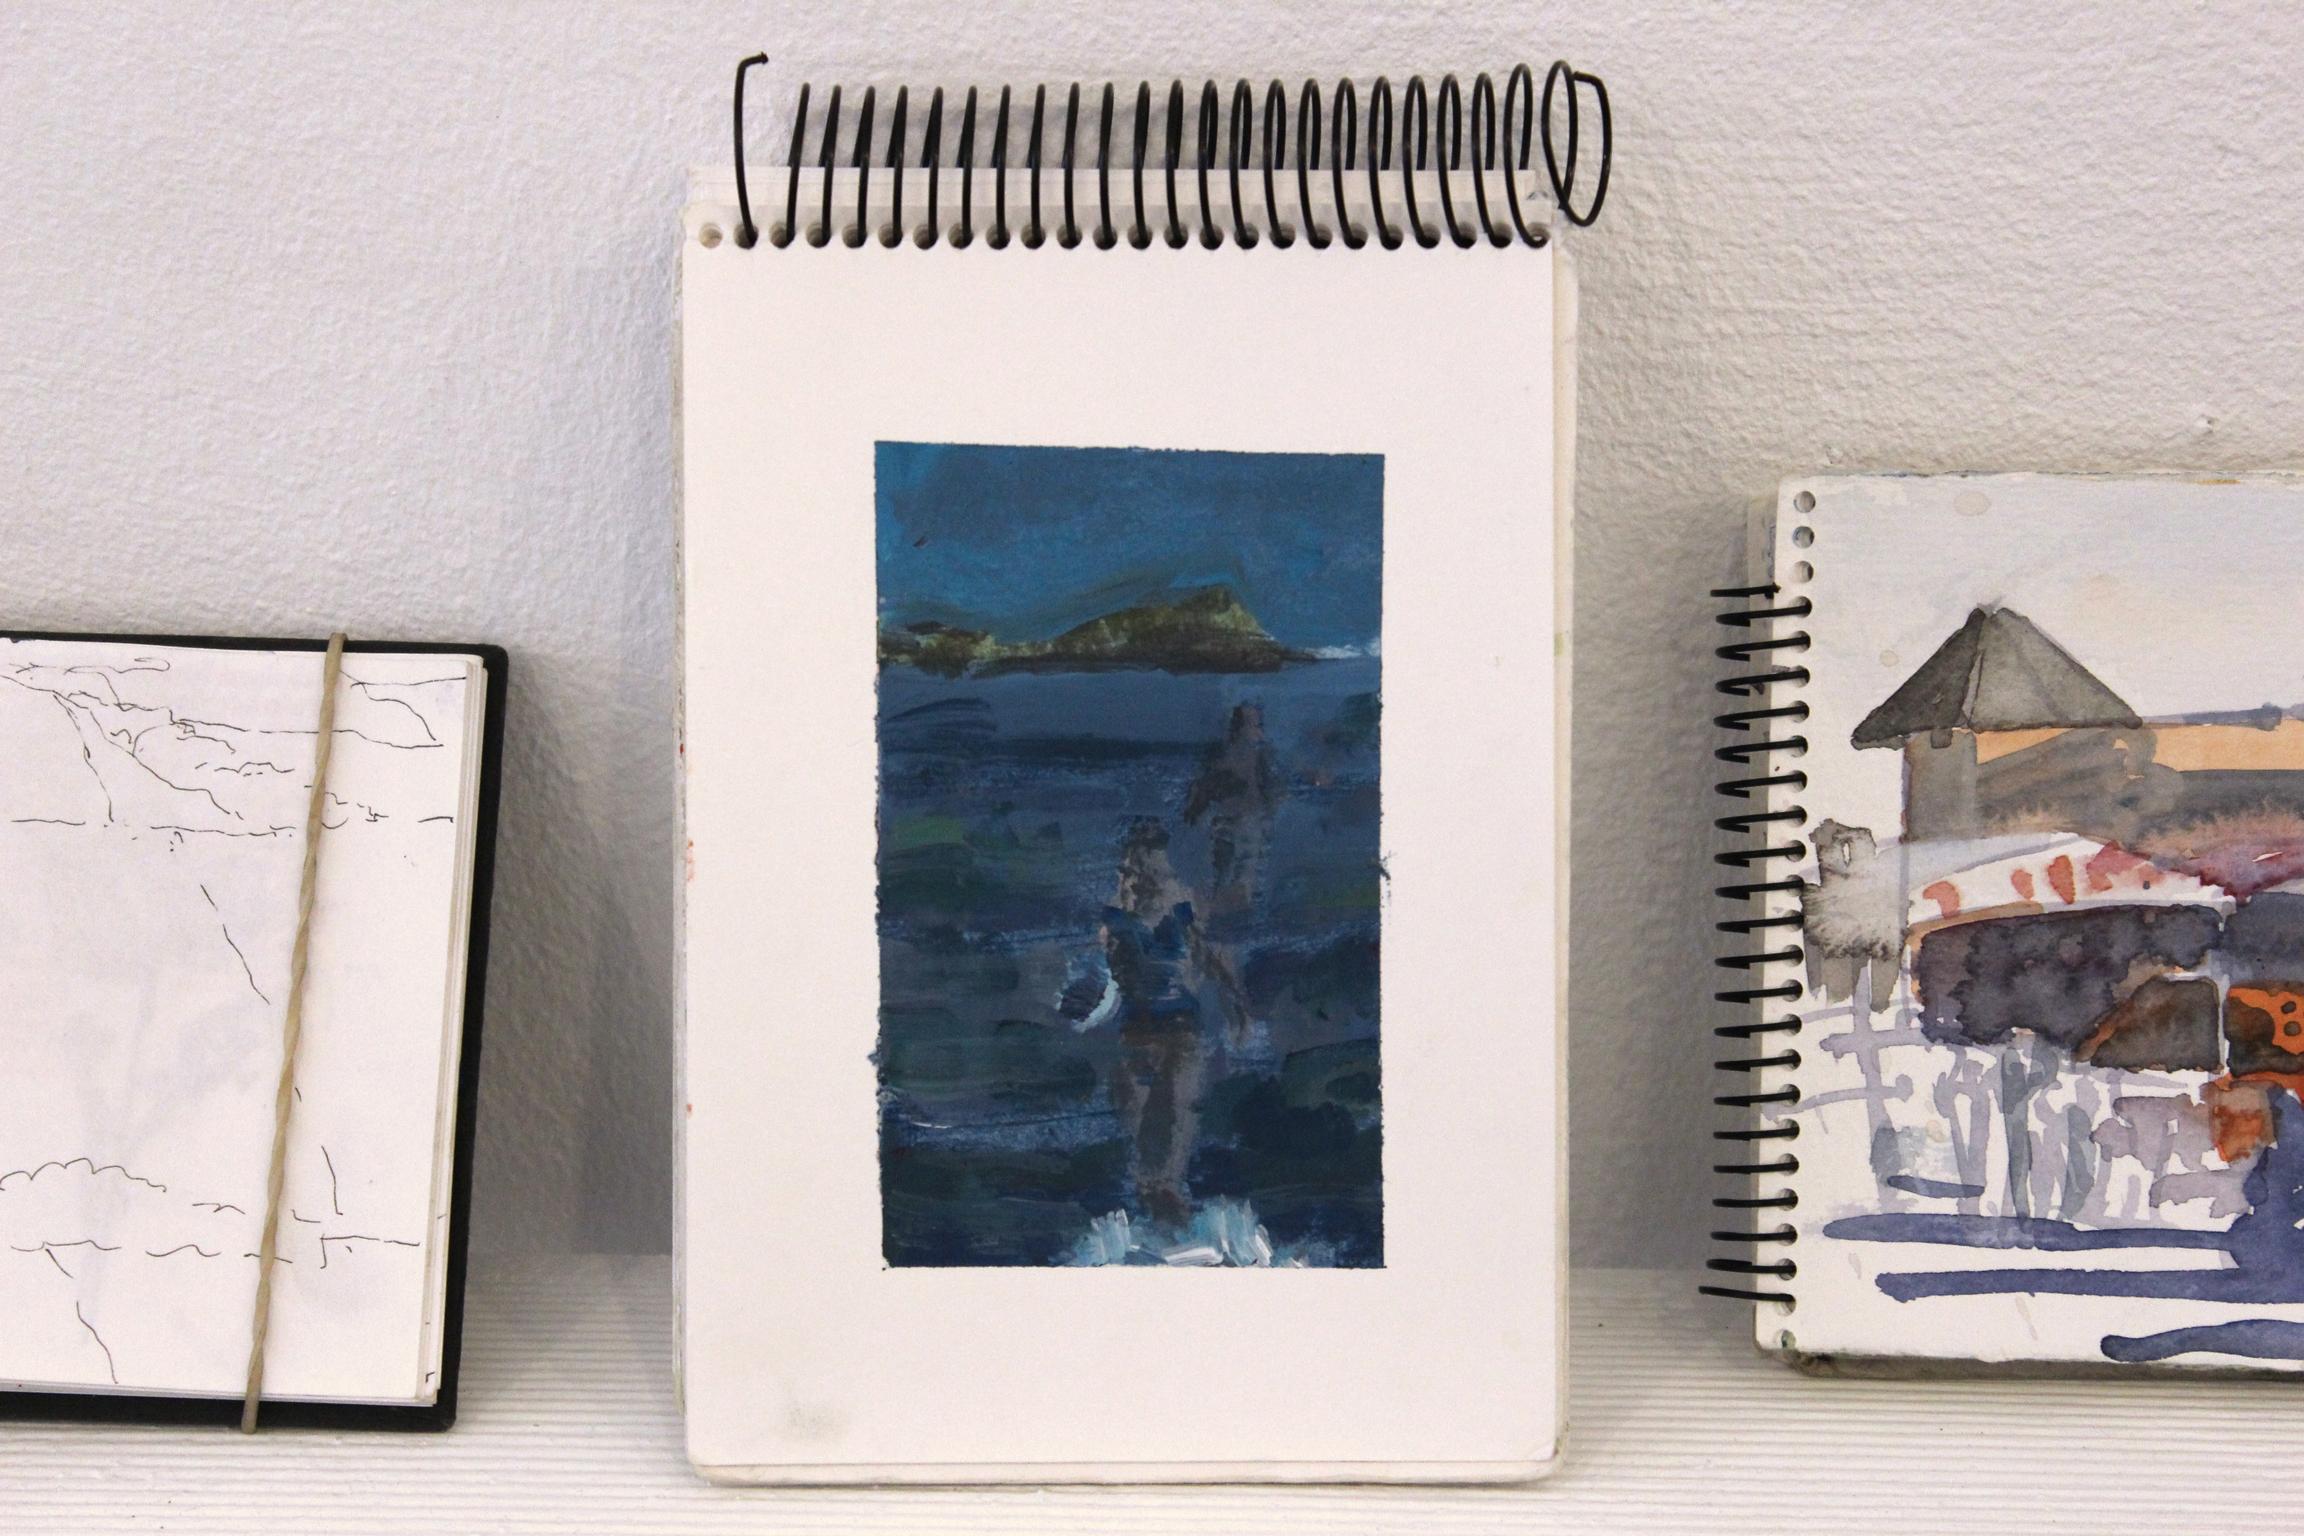 lalonja-logroño-cuadernos-javier-de-blas37